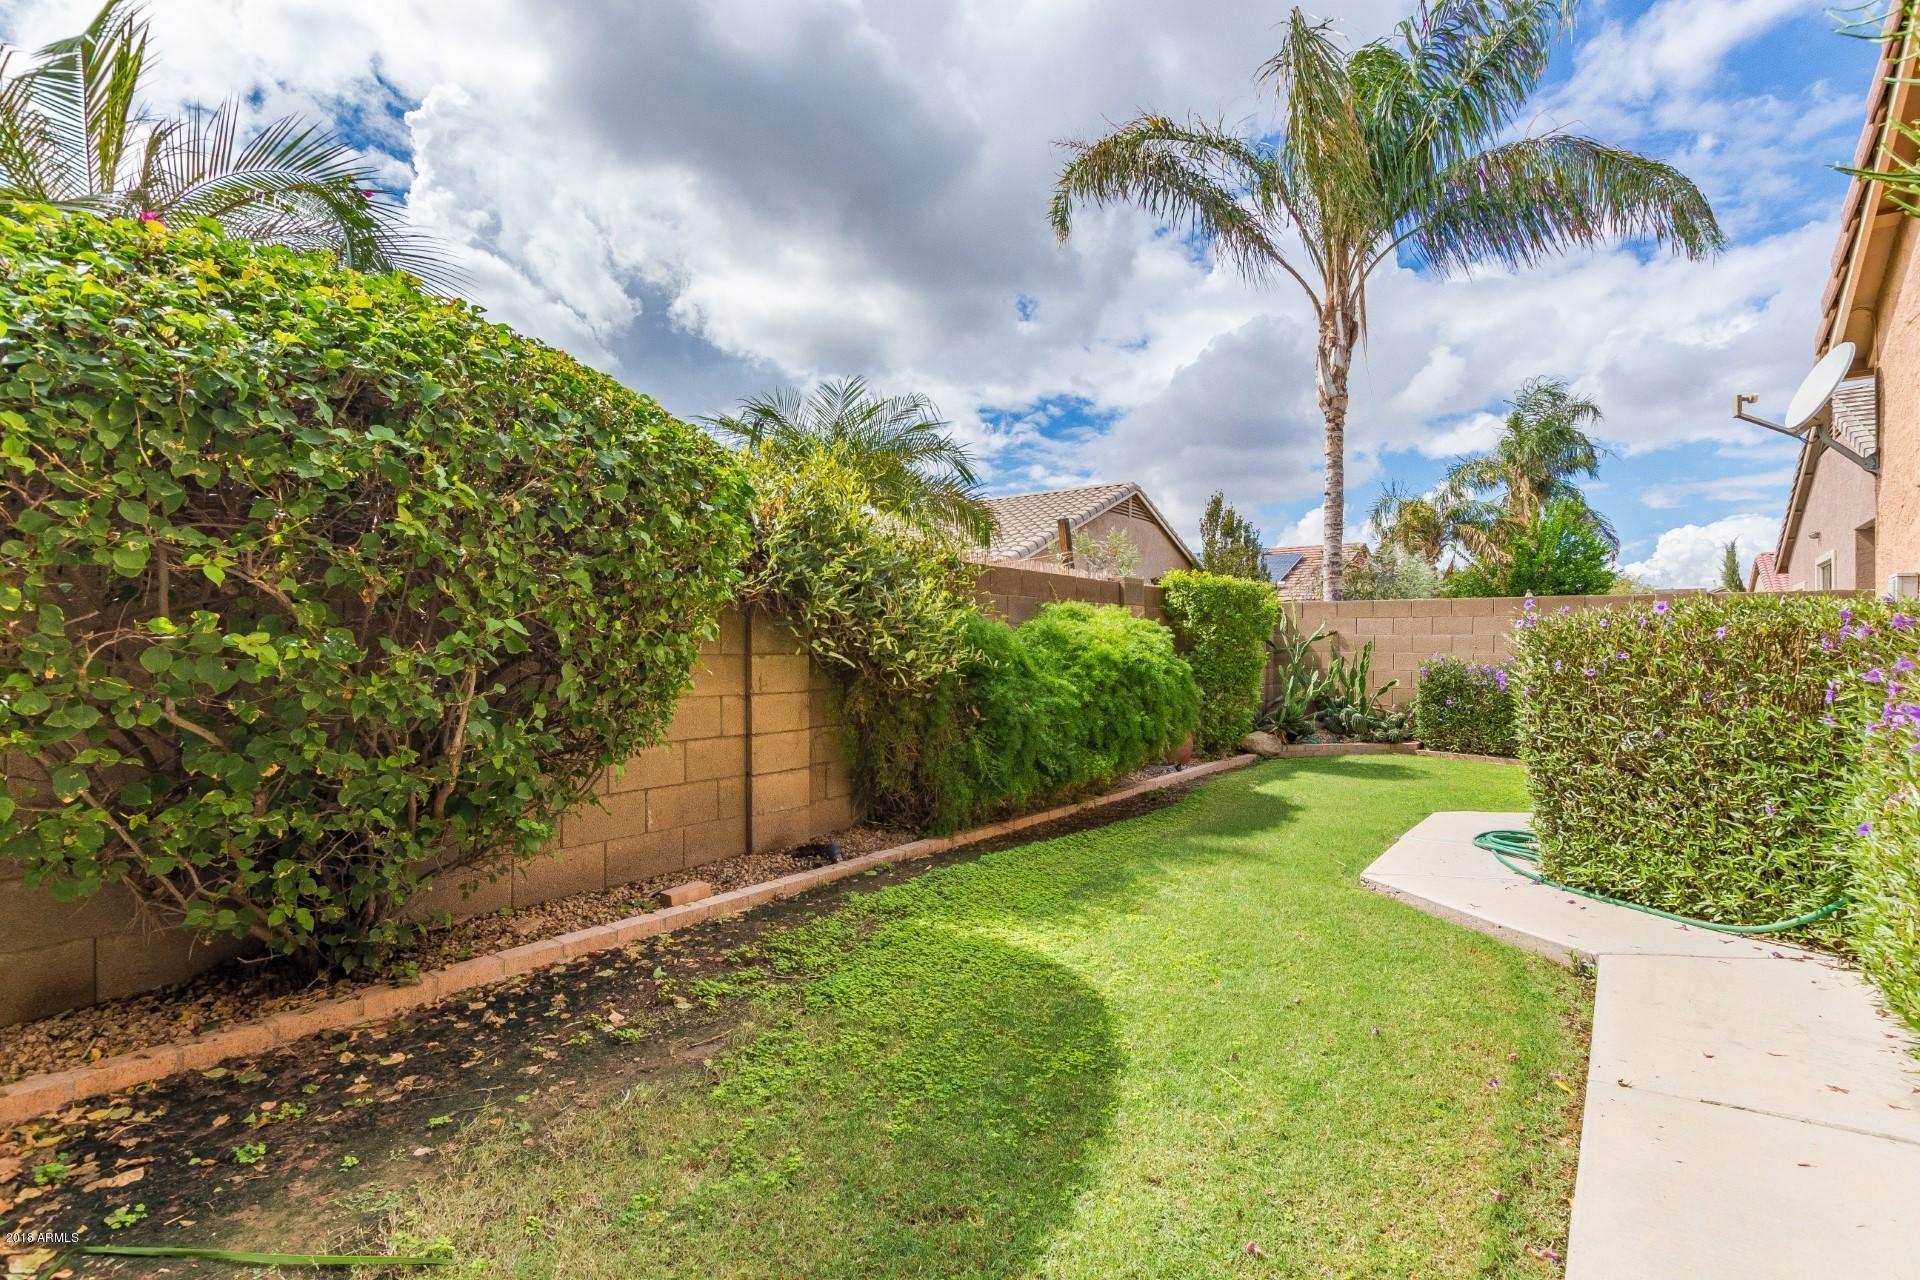 MLS 5828744 1141 E RANCH Court, Gilbert, AZ 85296 Gilbert AZ Neely Farms